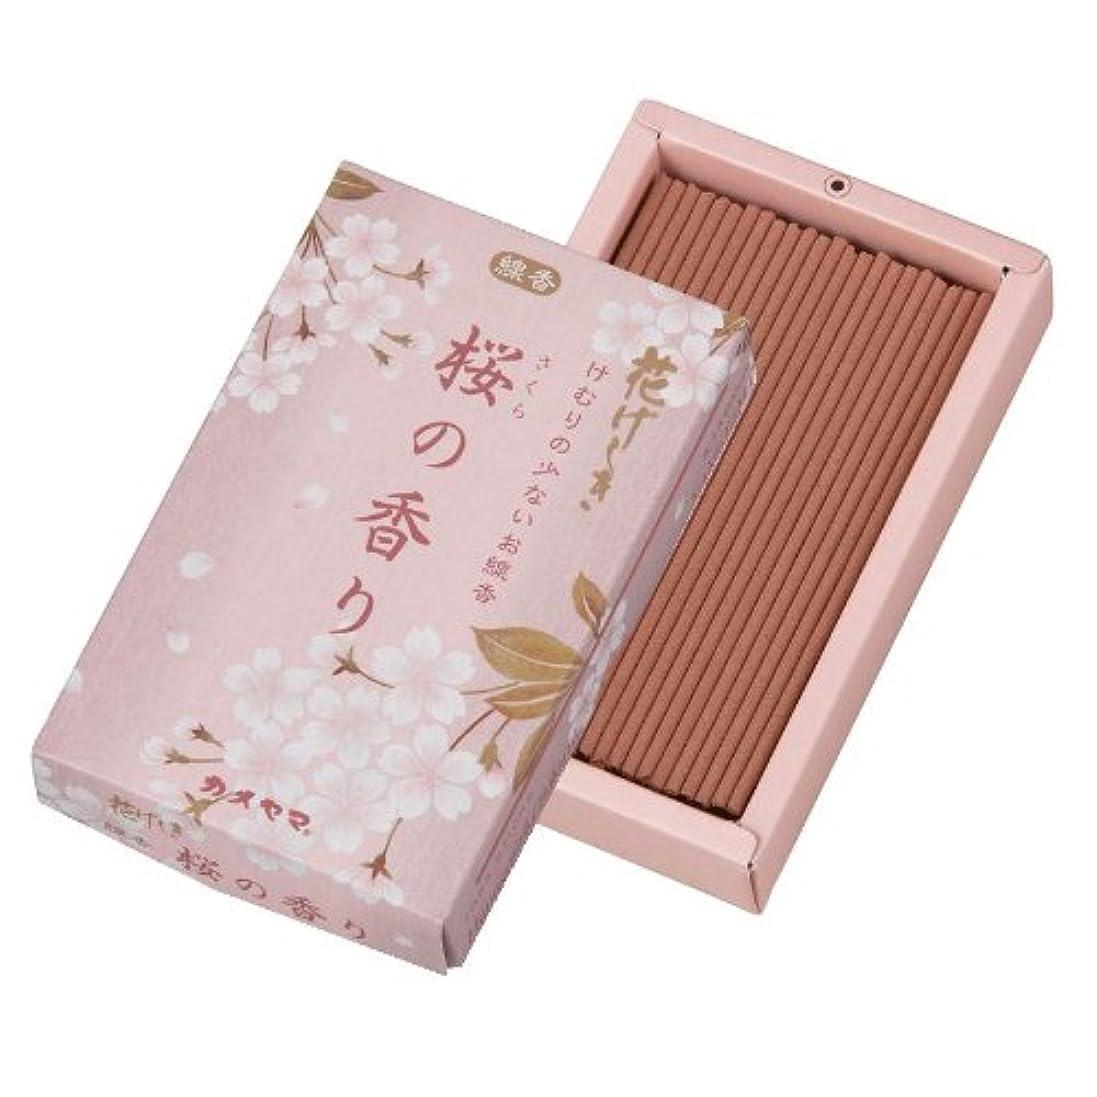 ハシーシミュレートする巡礼者花げしき 桜の香りミニ寸 50g